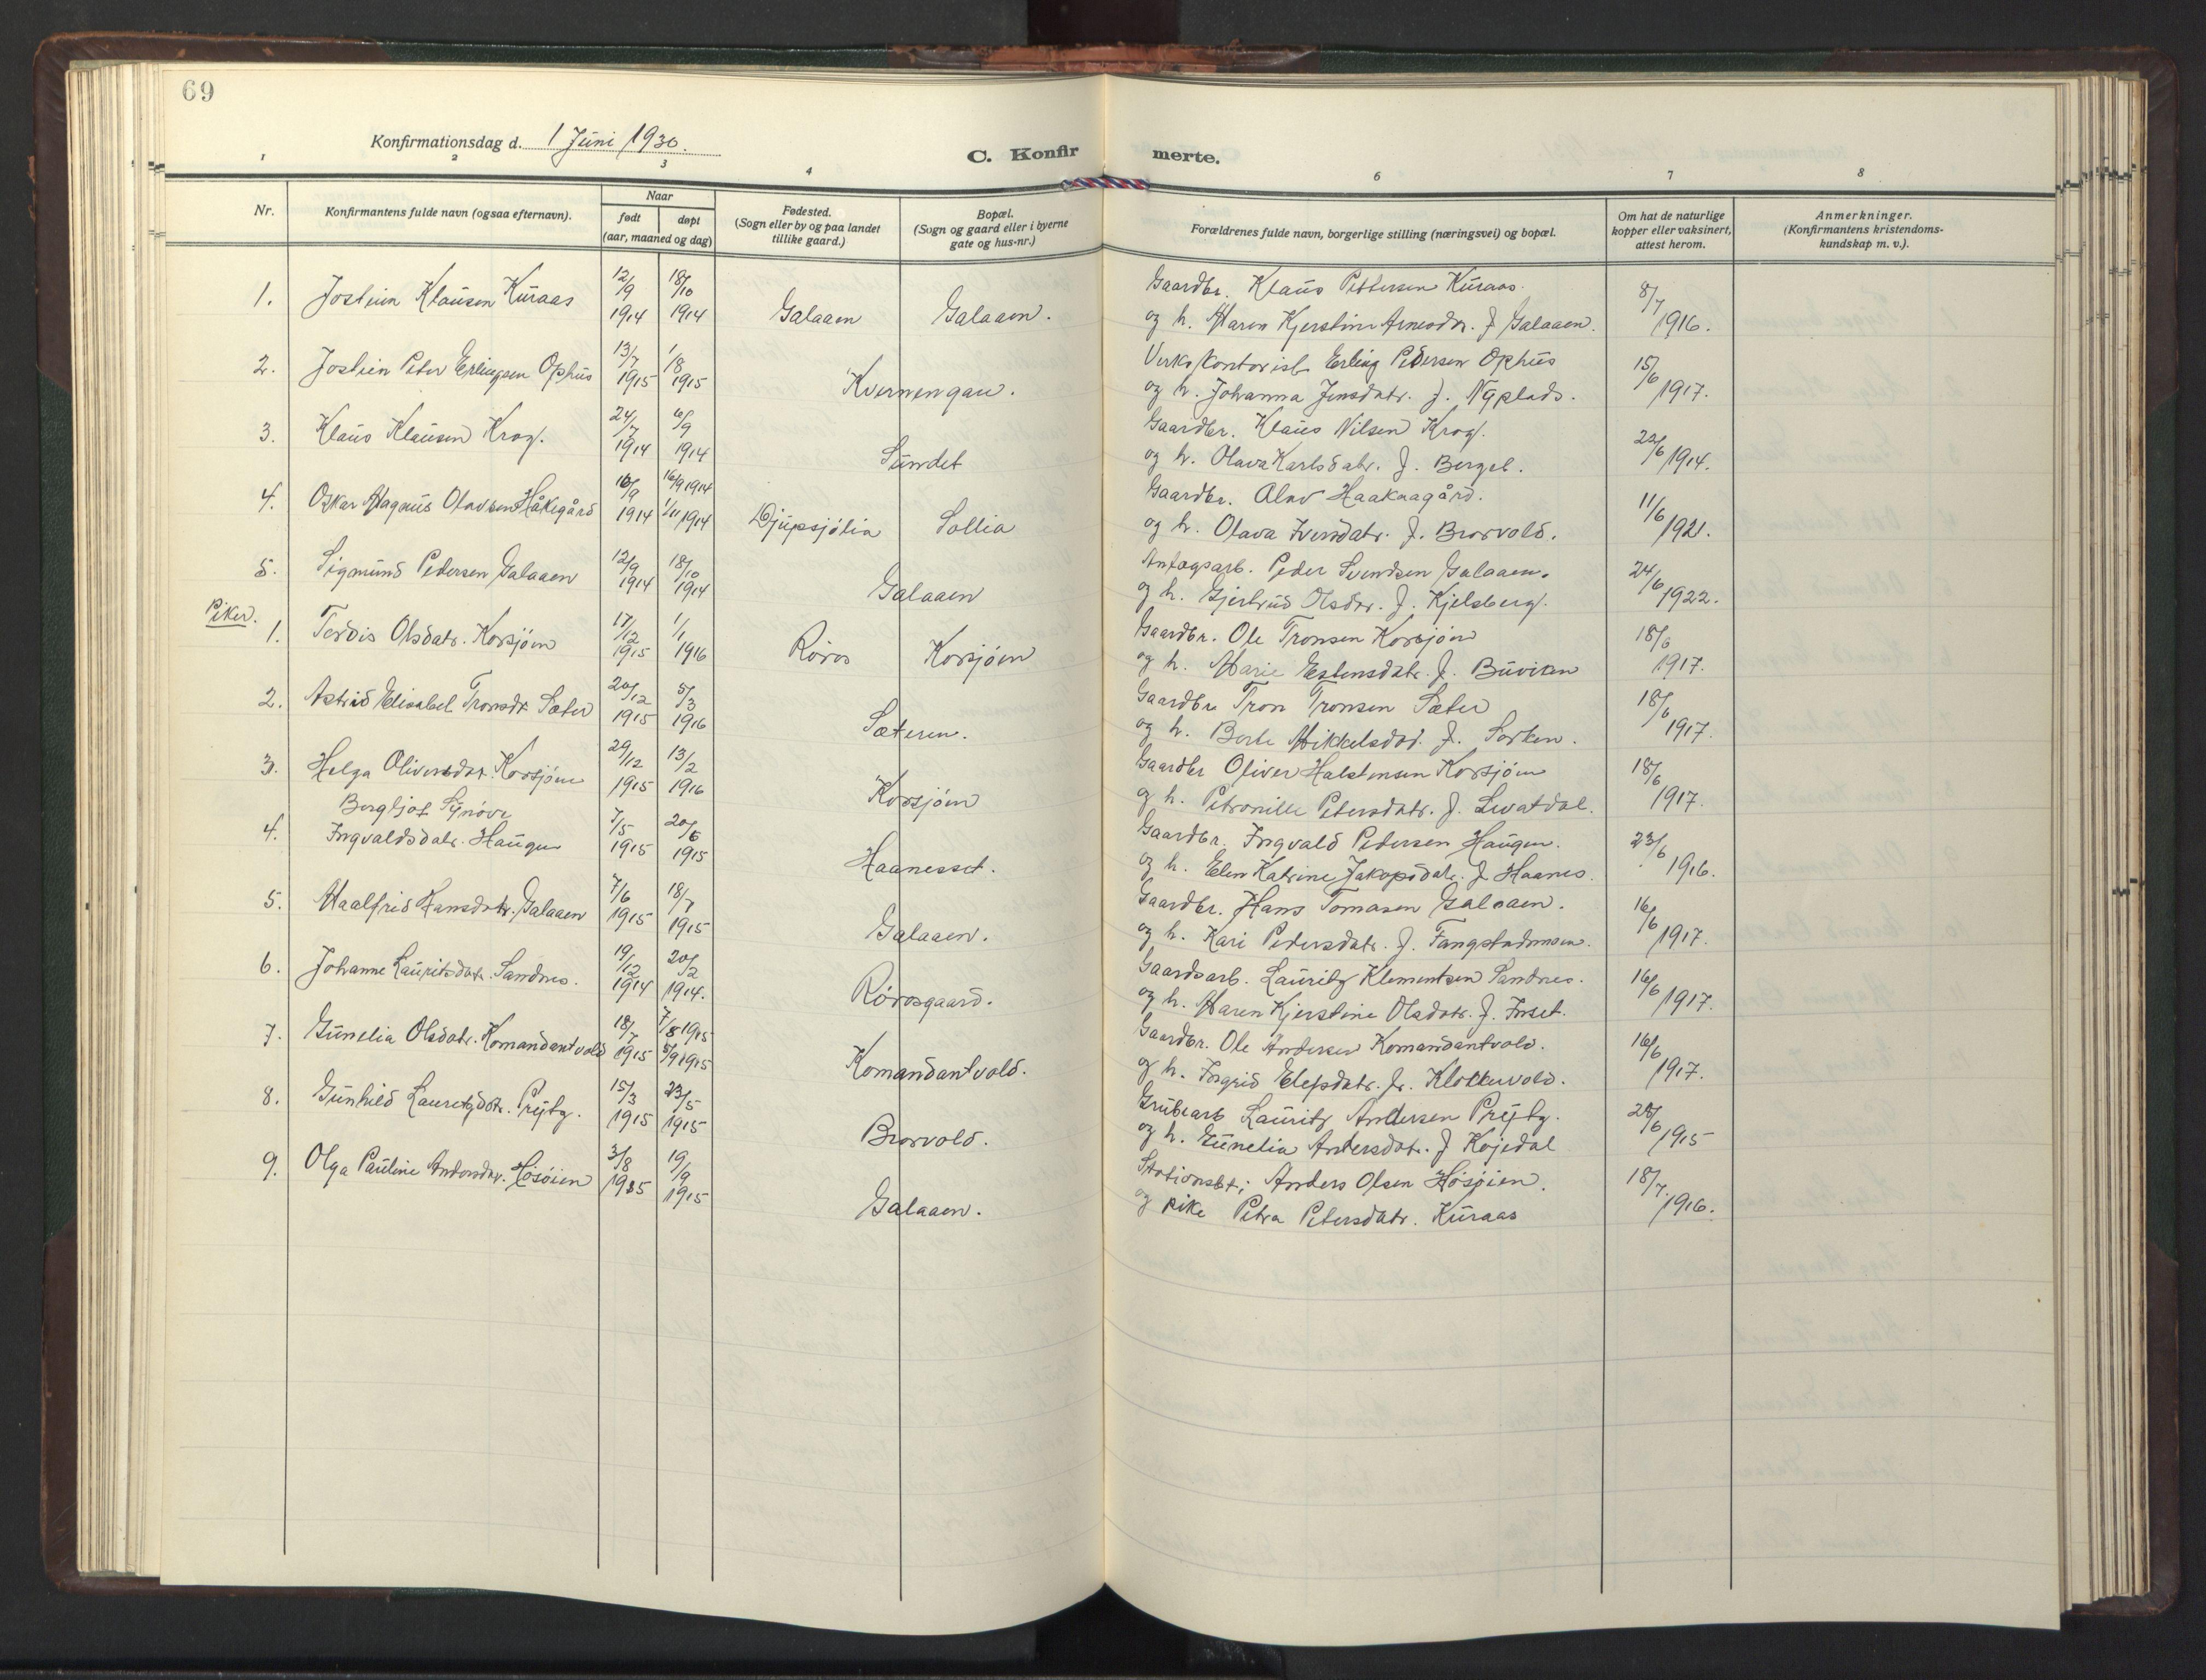 SAT, Ministerialprotokoller, klokkerbøker og fødselsregistre - Sør-Trøndelag, 681/L0944: Klokkerbok nr. 681C08, 1926-1954, s. 69